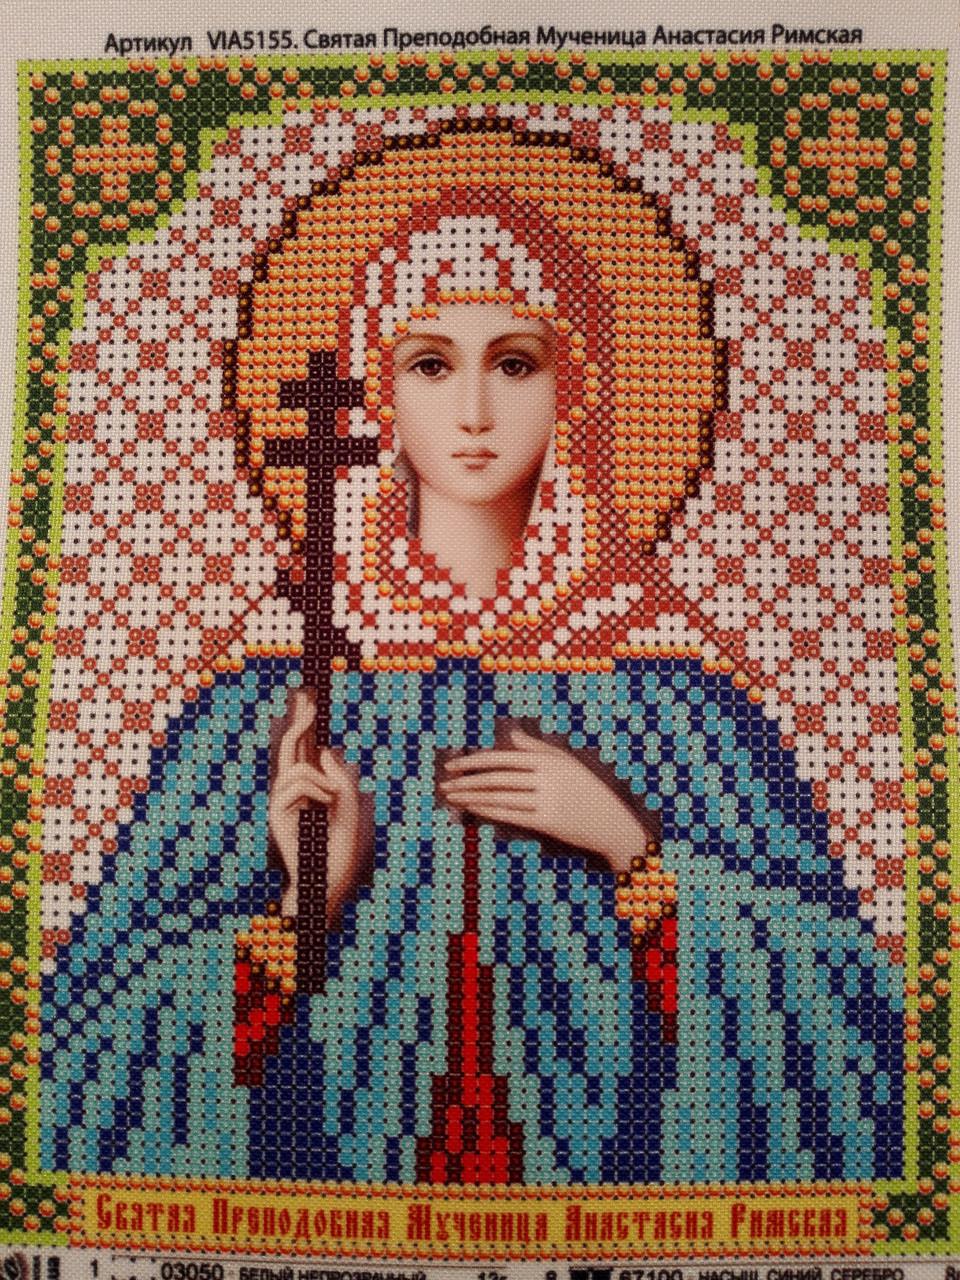 Набор для вышивки бисером икона Святая Преподобная Мученица Анастасия Римская VIA 5155